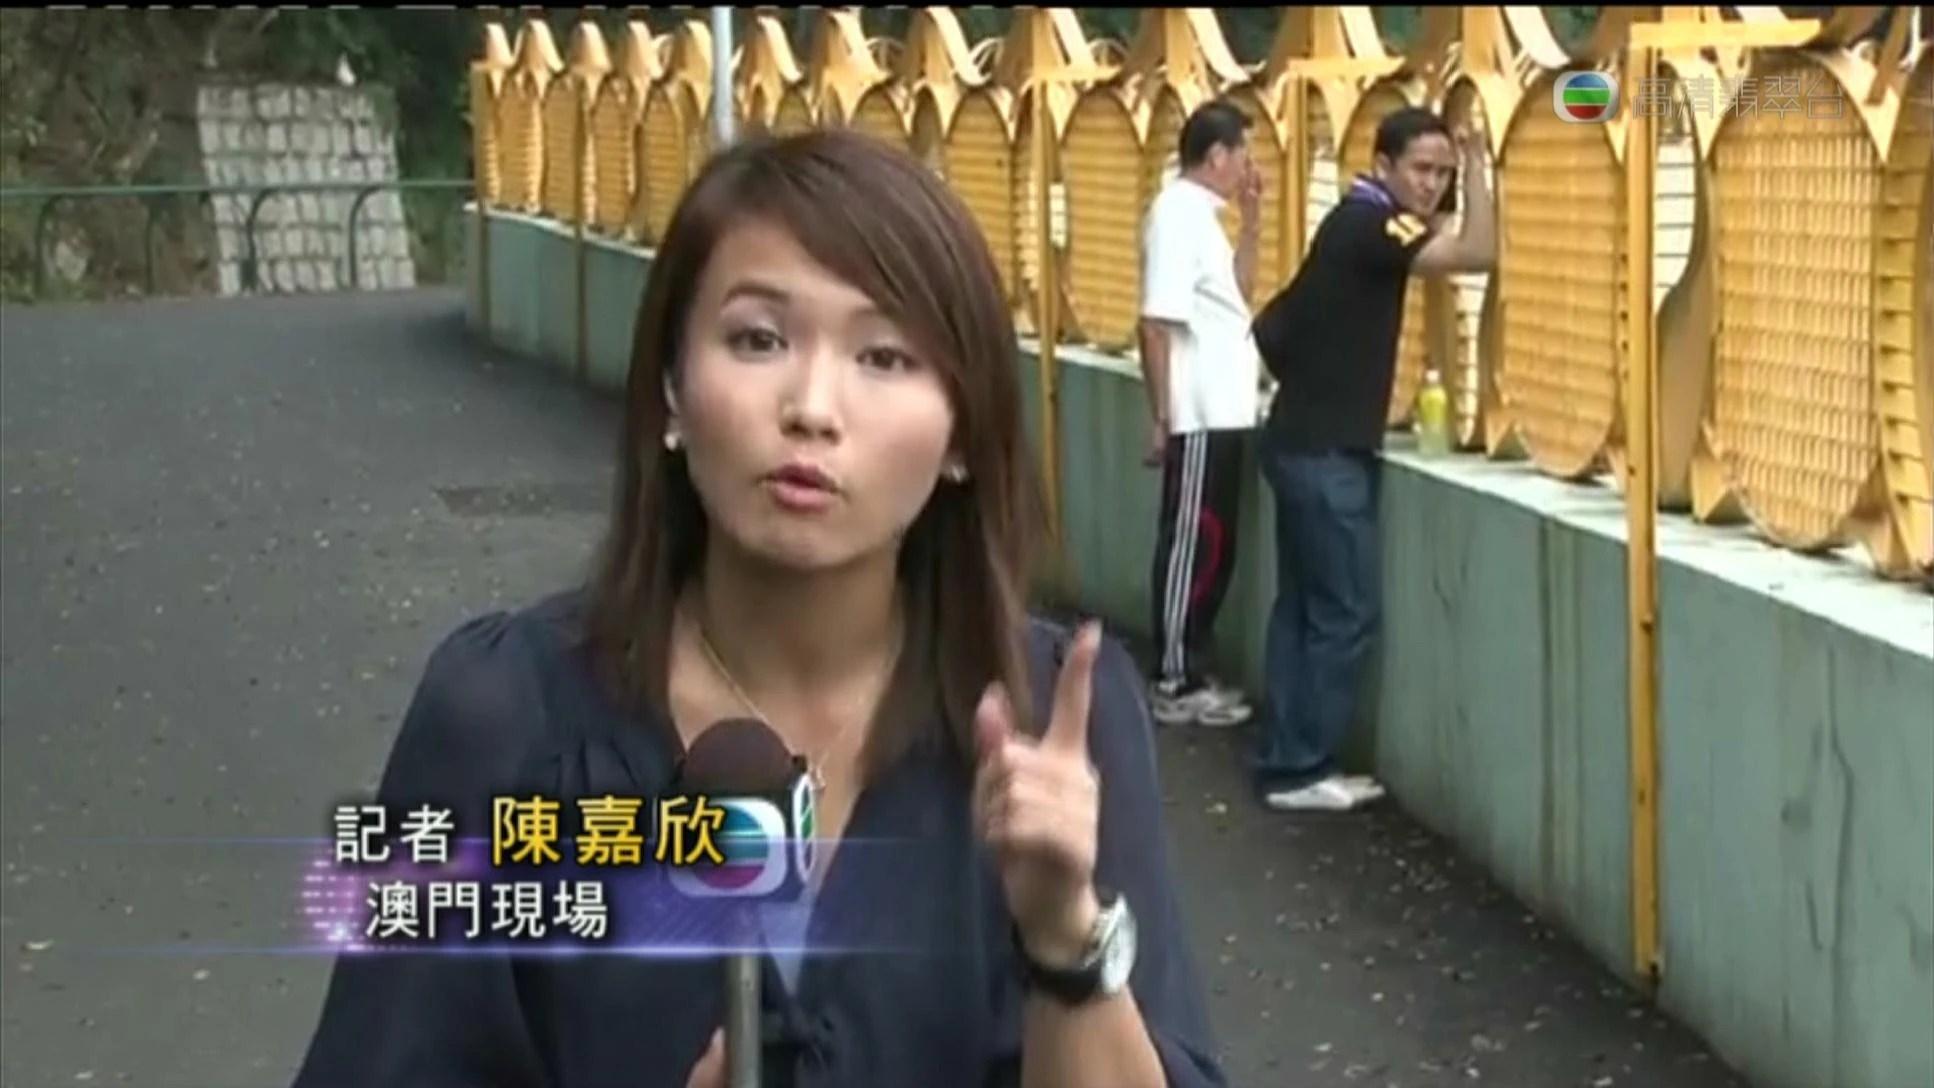 陳嘉欣 | 香港網絡大典 | FANDOM powered by Wikia